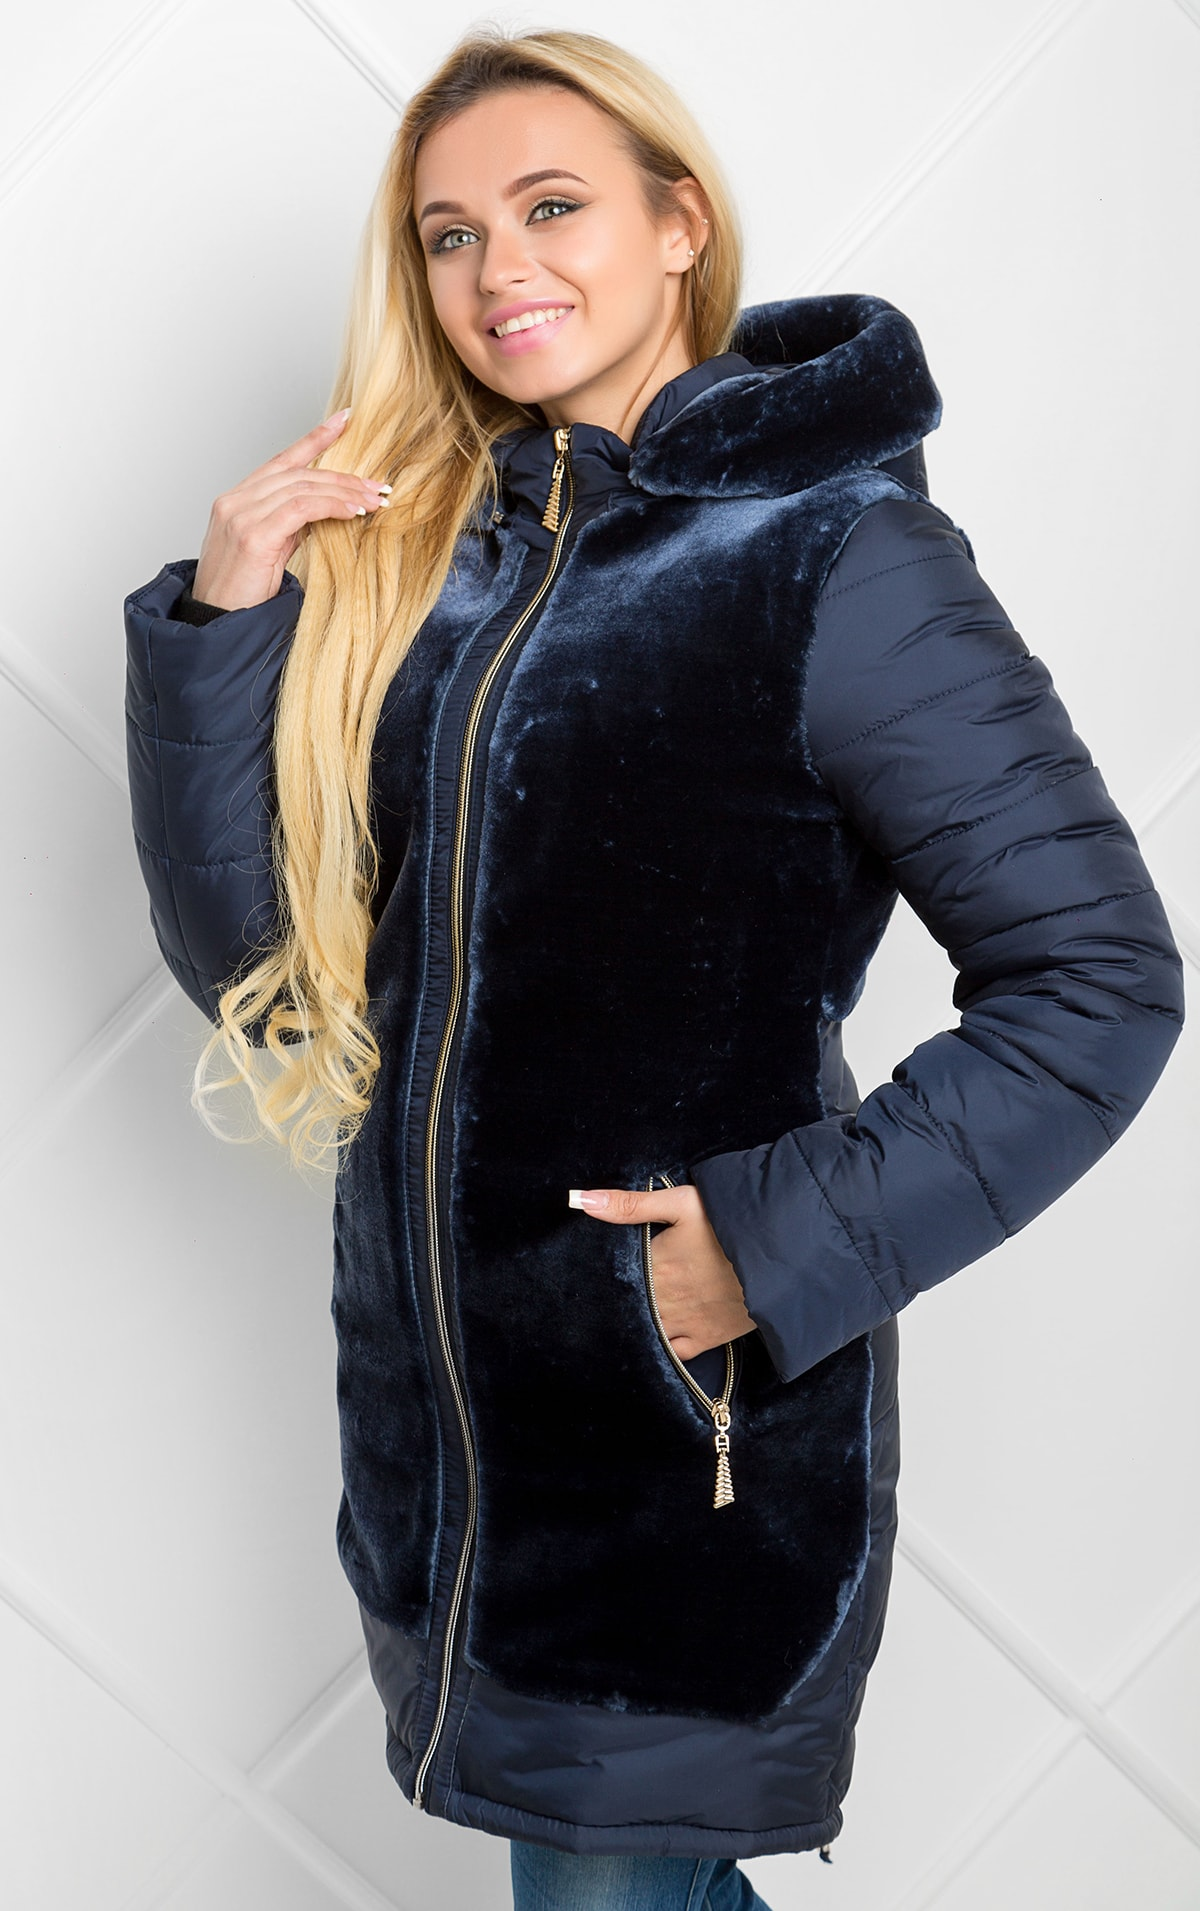 Image Image Image. Распродажа Продано. Зимняя длинная женская куртка ... eb75a397352